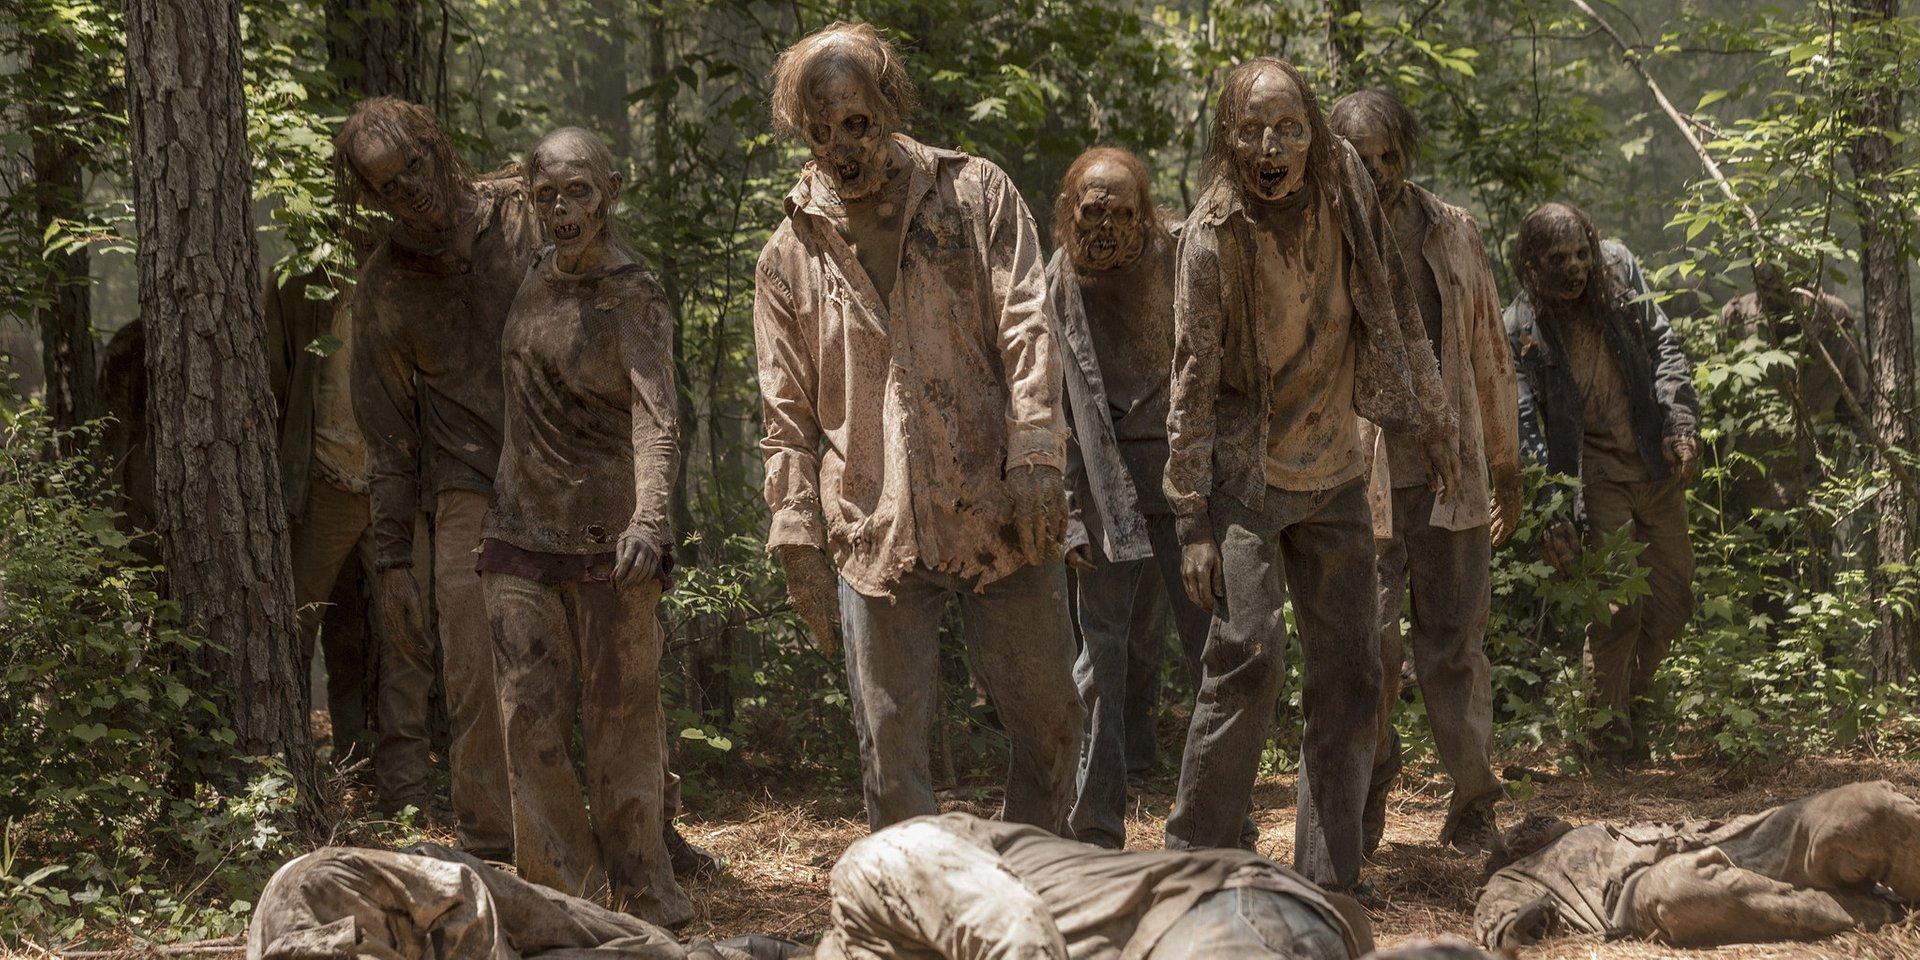 FOX ujawnia zdjęcia oraz nazwisko kolejnego aktora, który zasili obsadę The Walking Dead w 10. sezonie!